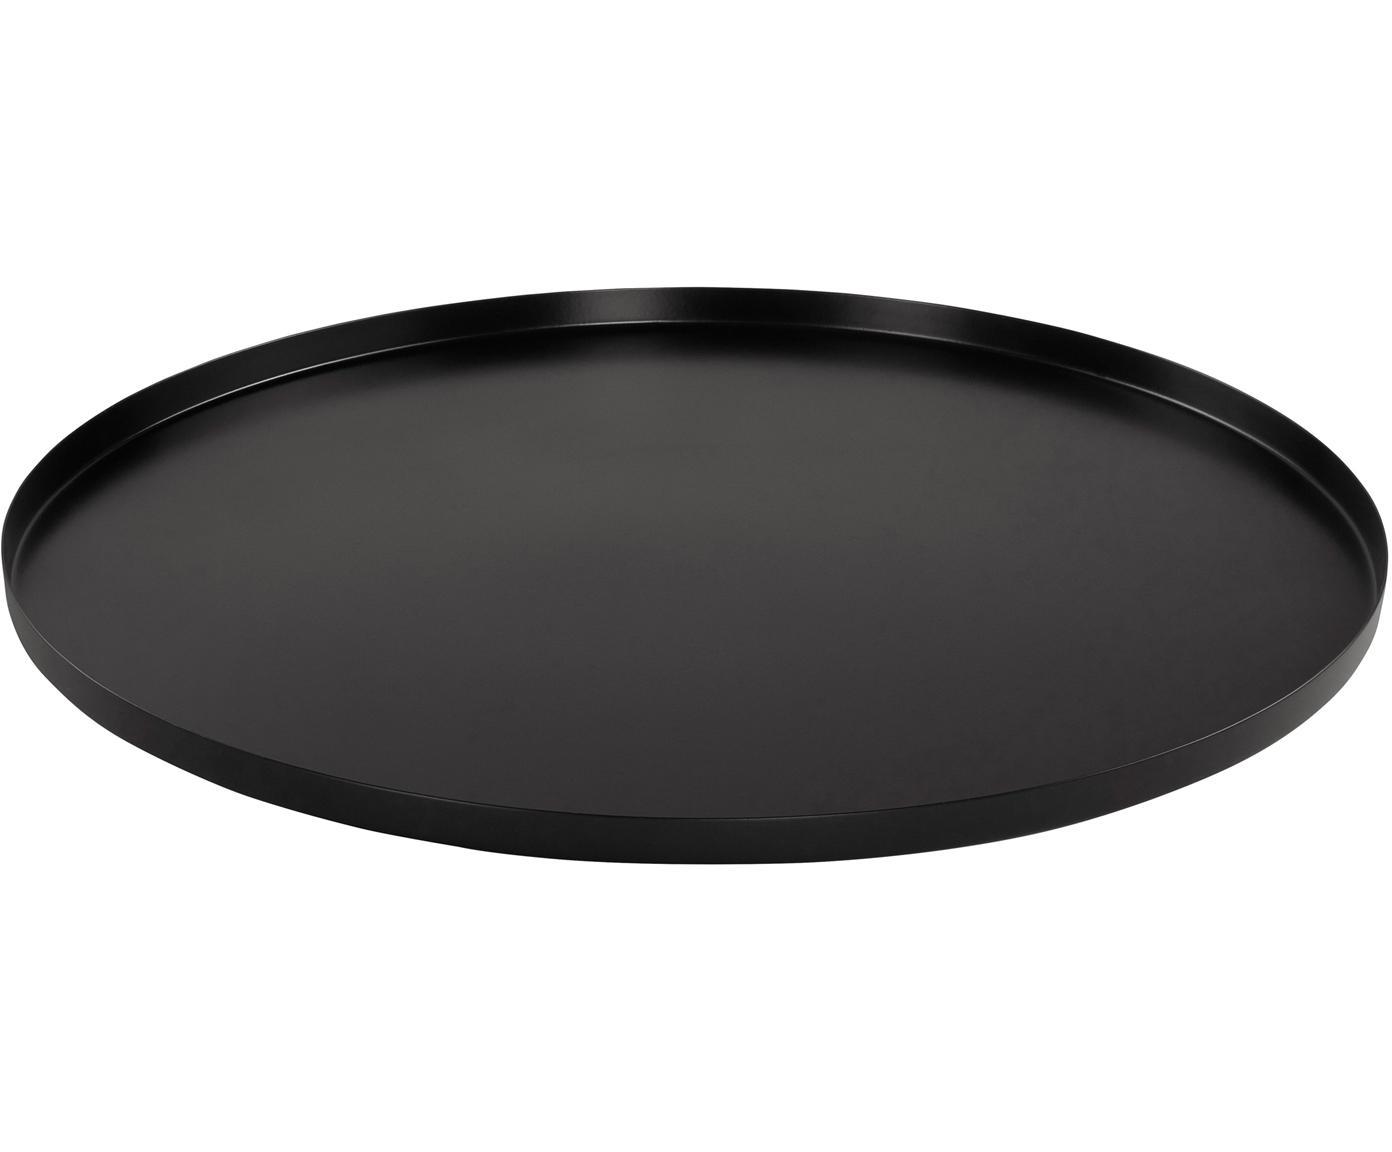 Taca Tolne, Aluminium, powlekany, Czarny, Ø 50 cm